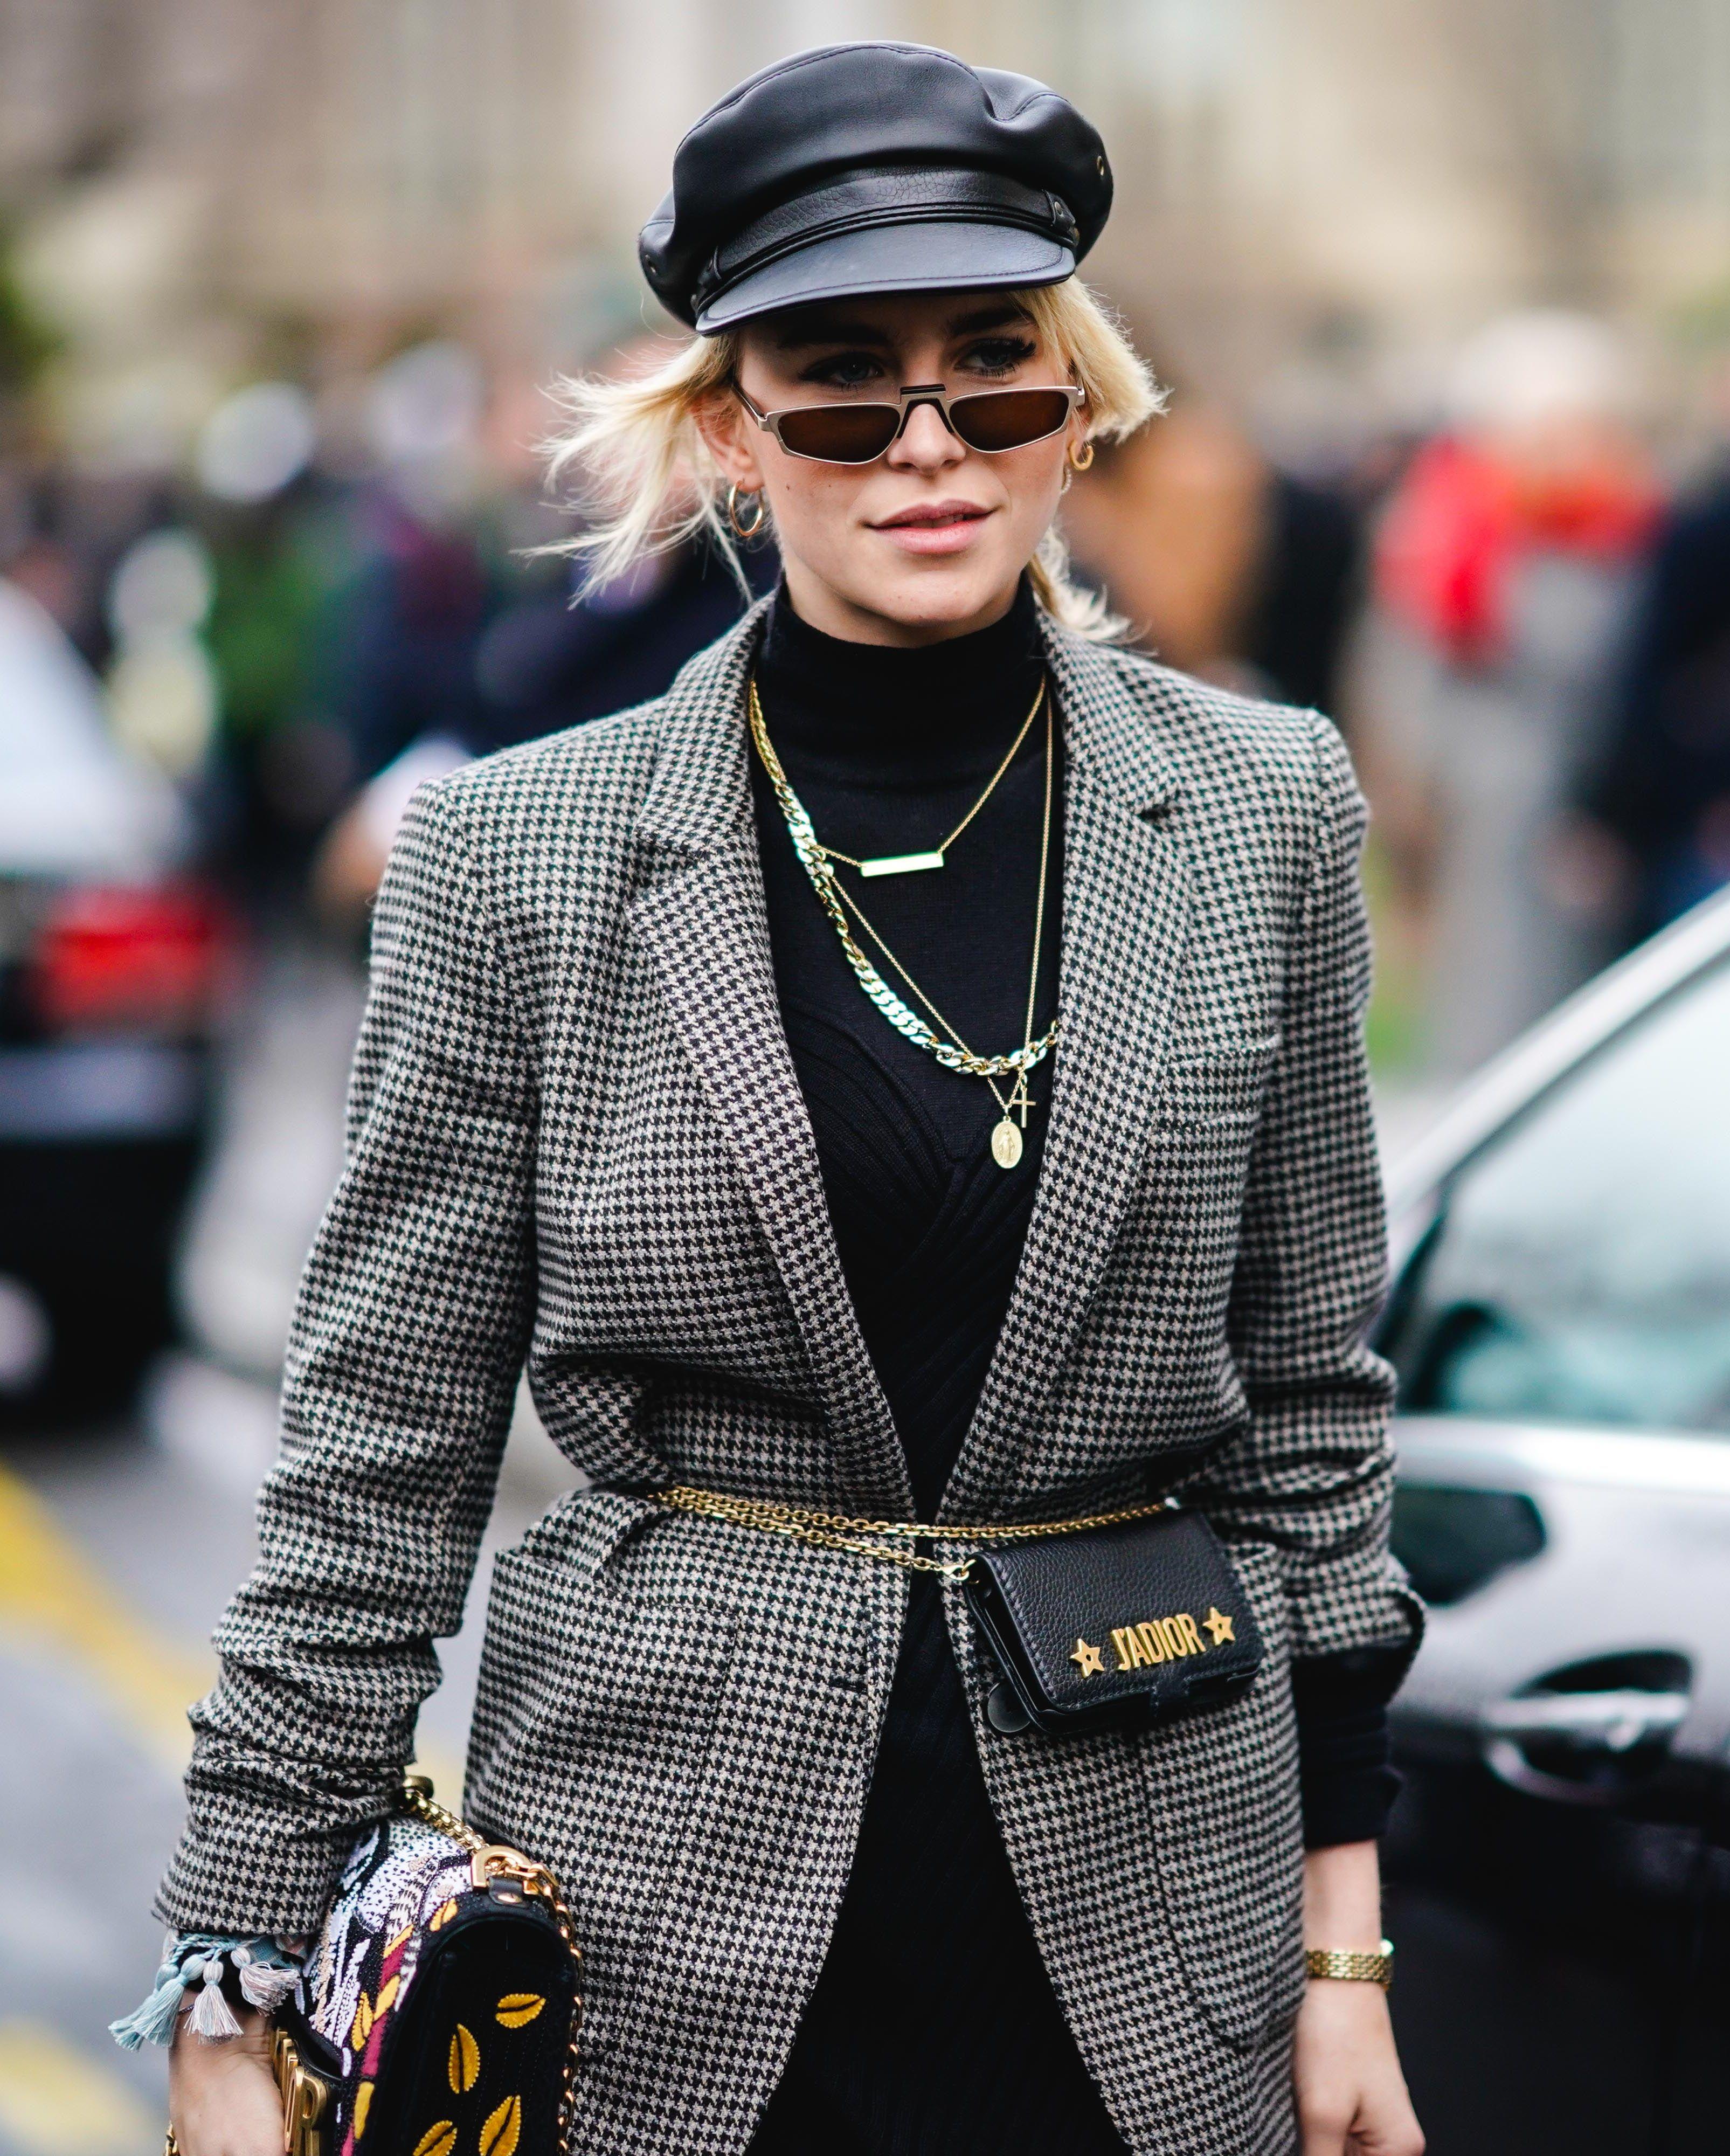 配件, Balenciaga, 老爹鞋, Triple S, Celine, 托特包, Gucci, 中性風, 包包推薦, 街拍, 潮人,